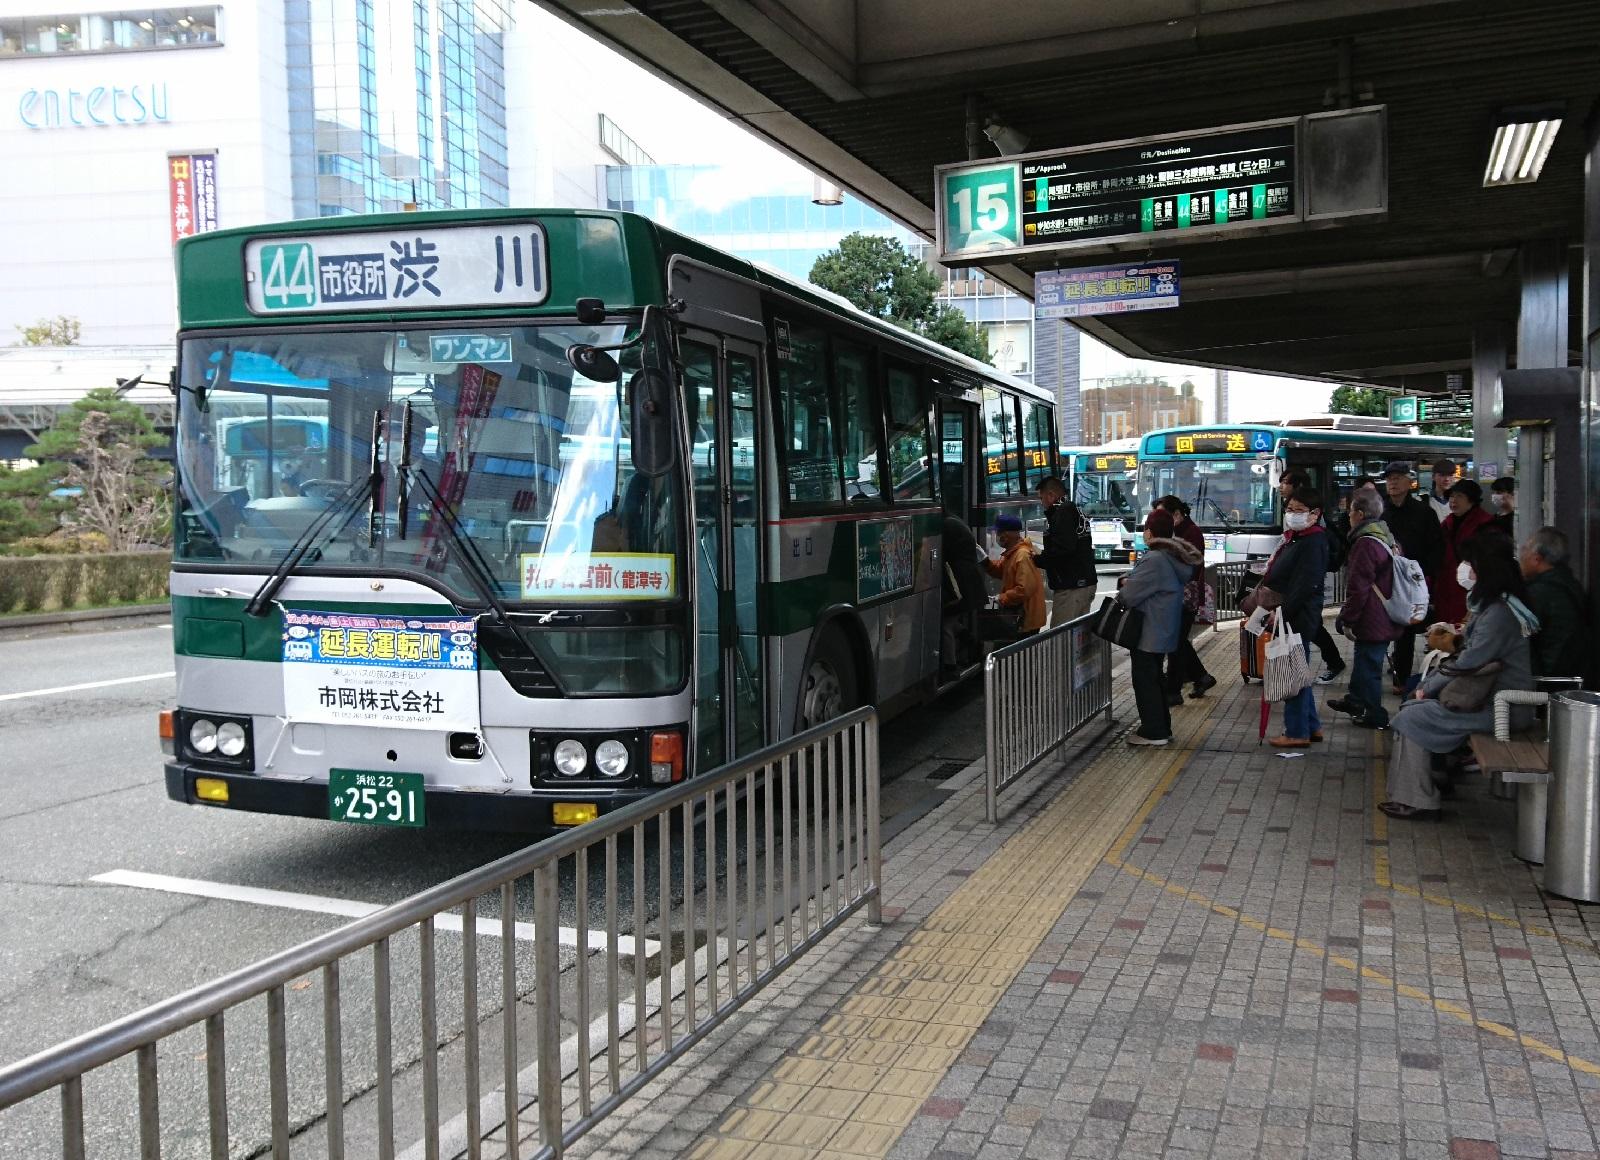 2016.12.23 井伊谷まで (26) 浜松駅 - 渋川いきバス 1600-1160